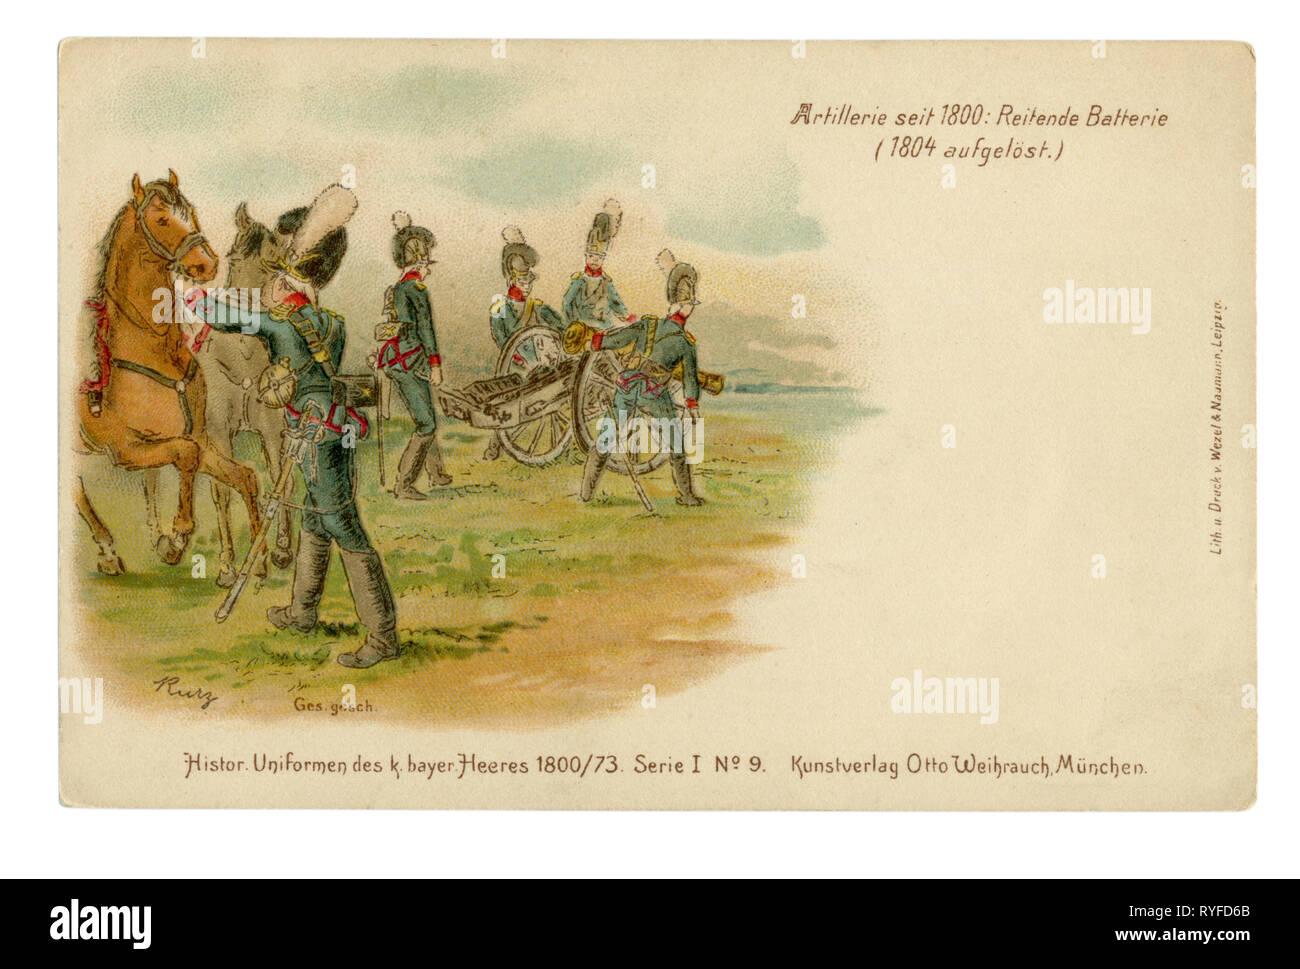 rencontres tichnor Bros cartes postales datant de plus d'une personne règles